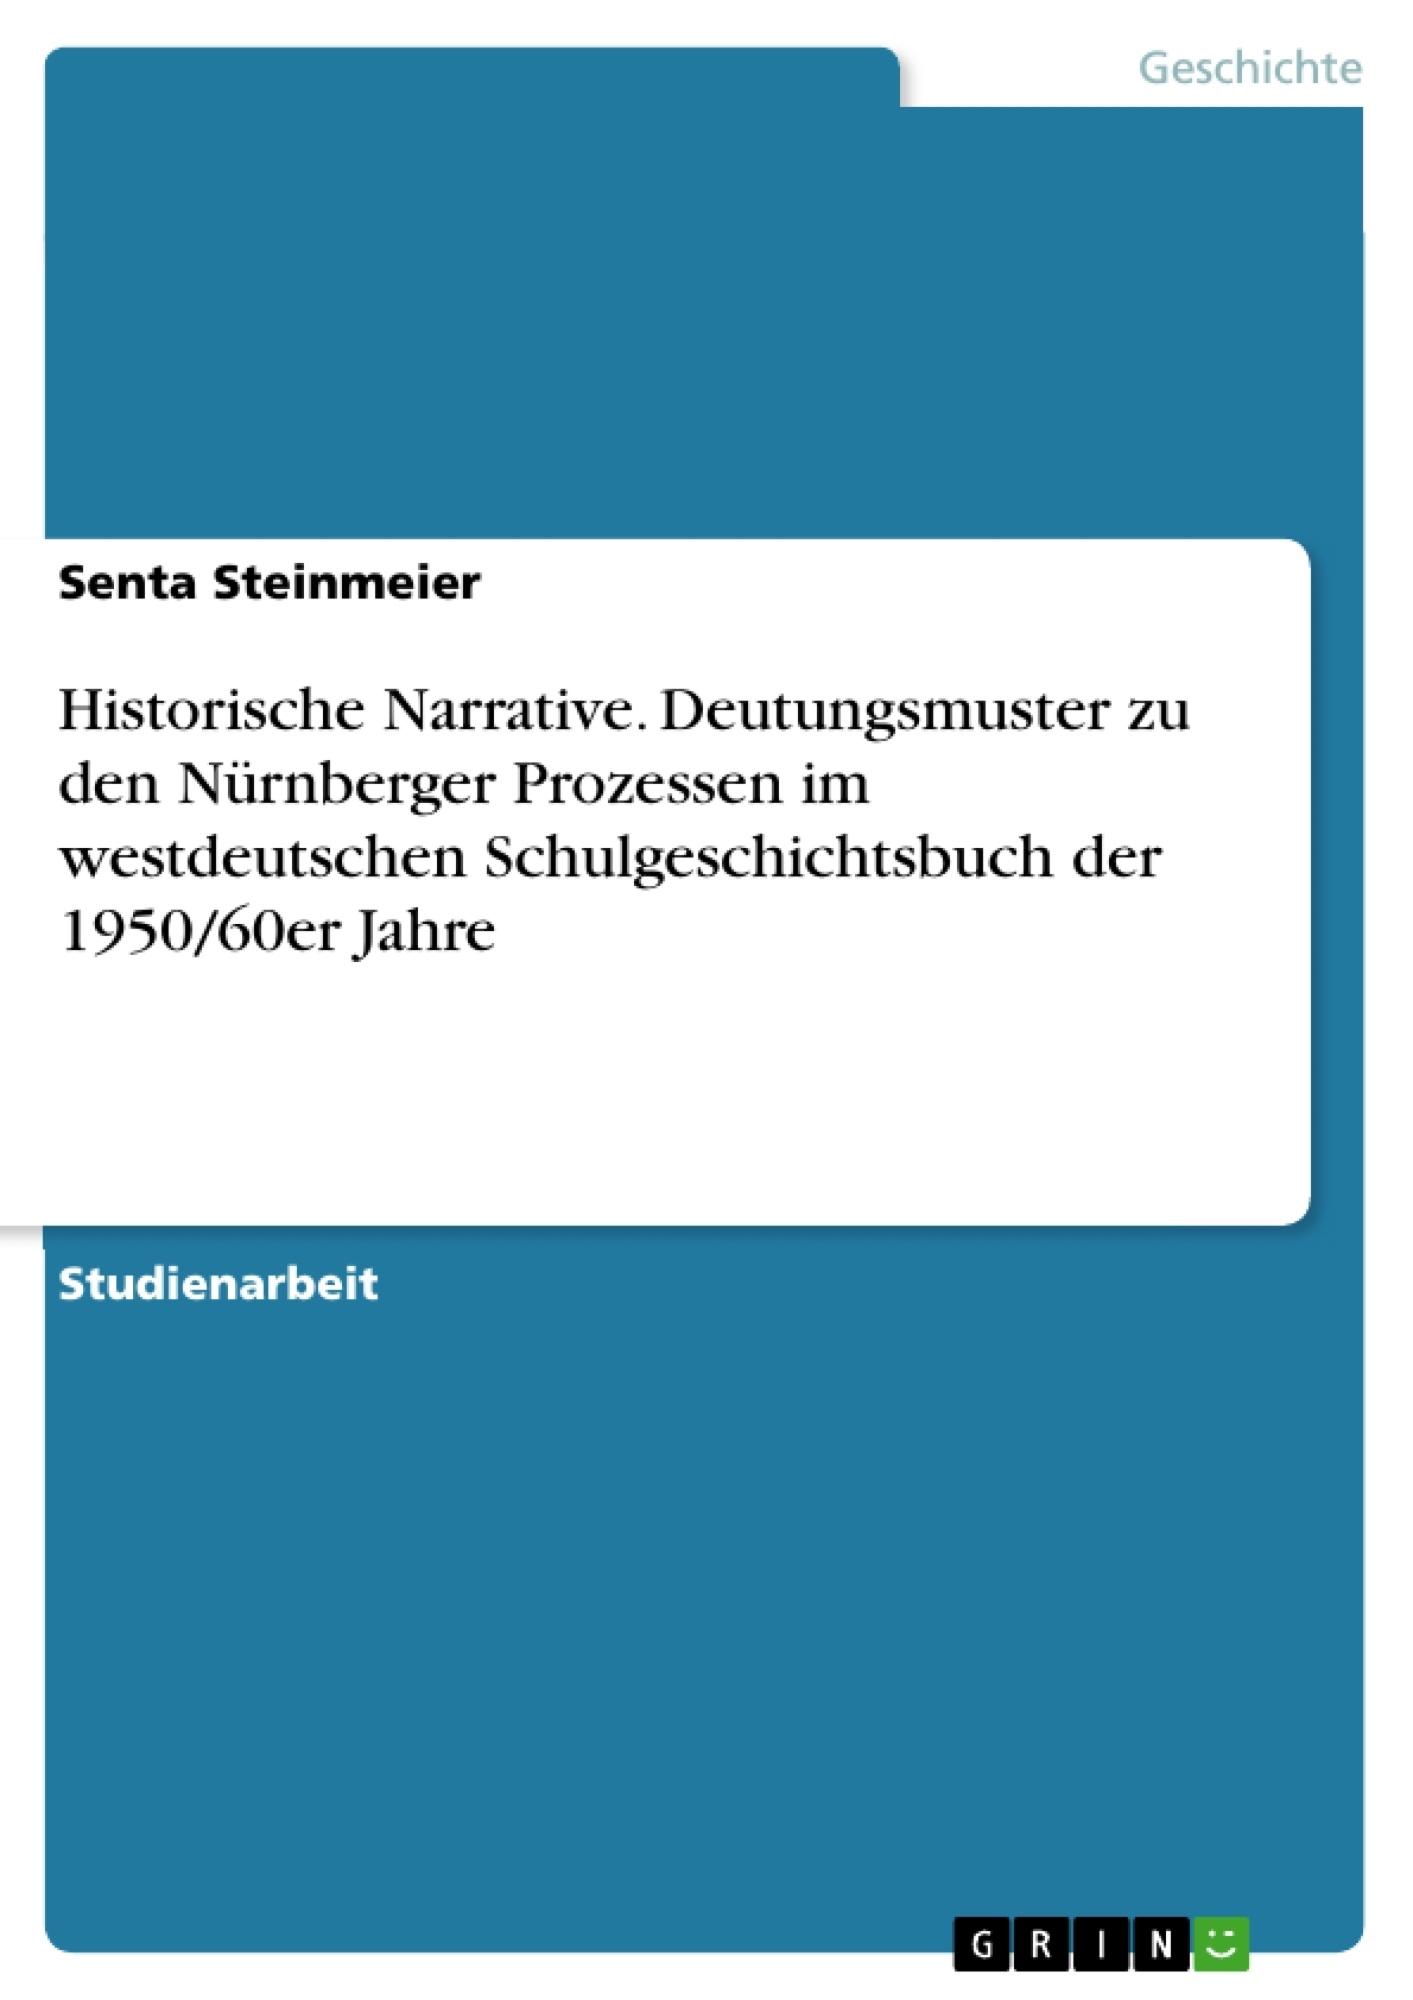 Titel: Historische Narrative. Deutungsmuster zu den Nürnberger Prozessen im westdeutschen Schulgeschichtsbuch der 1950/60er Jahre